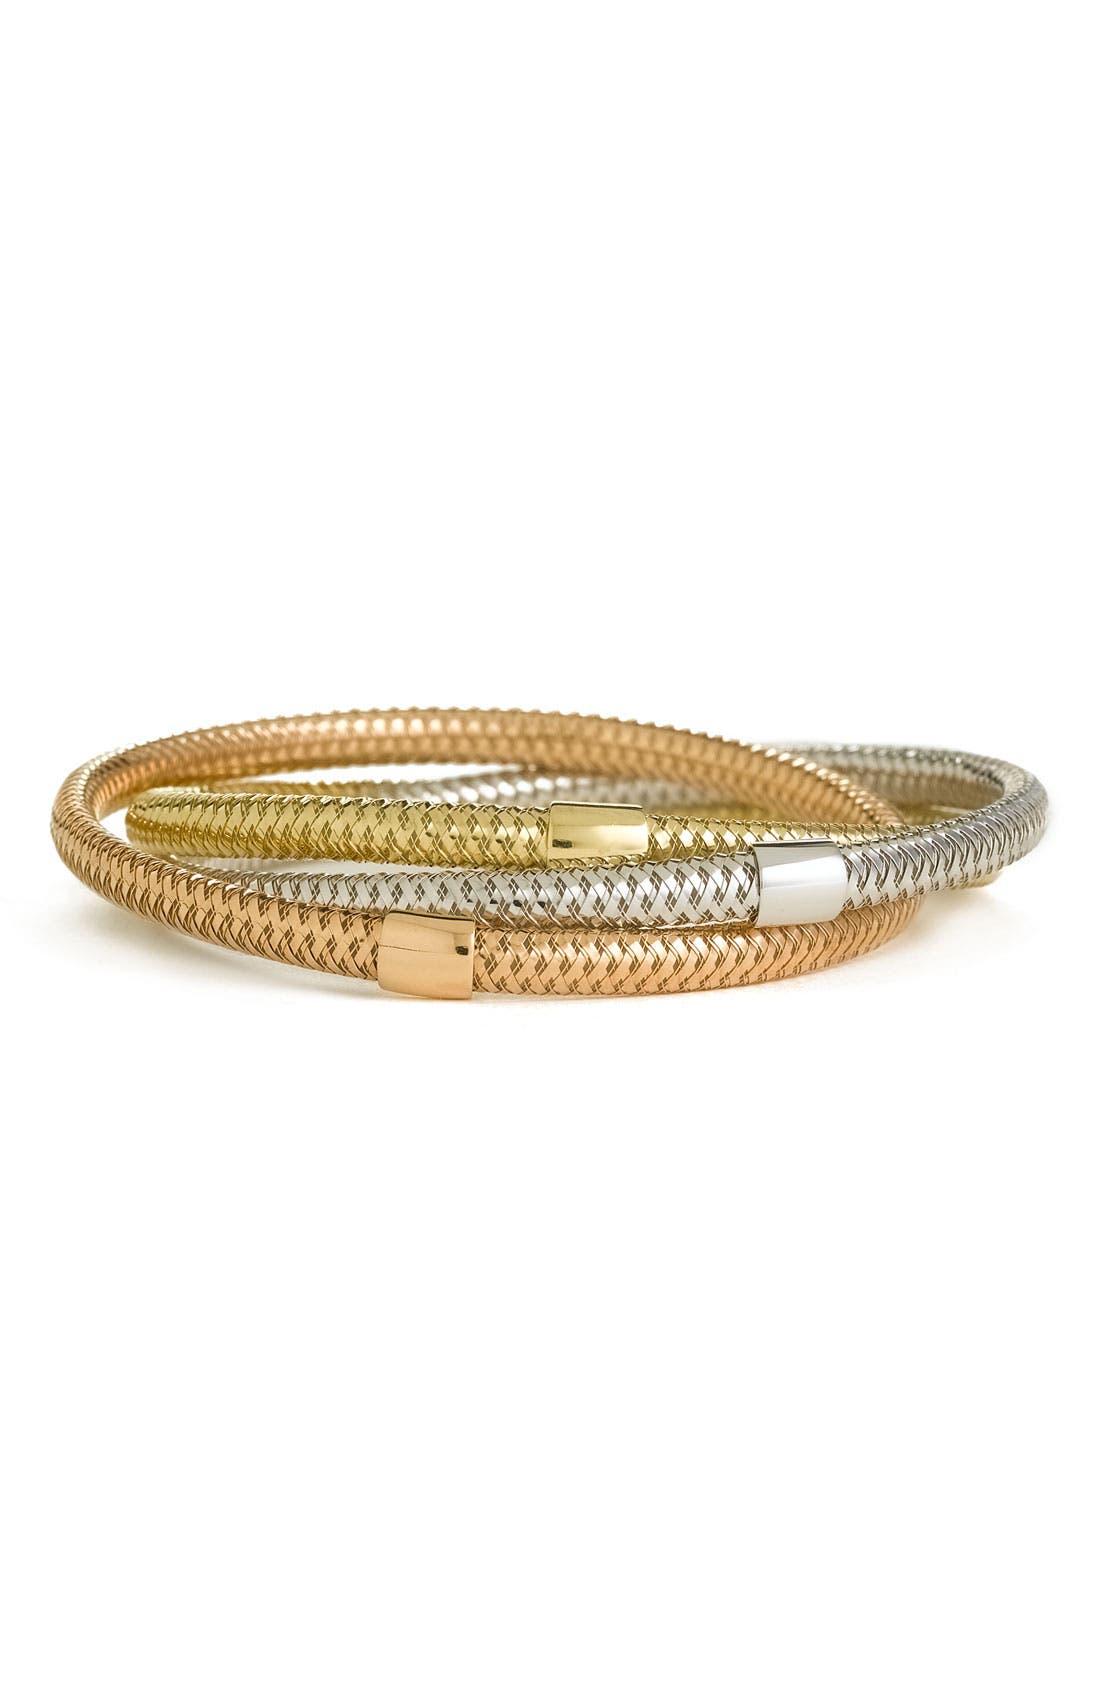 Alternate Image 1 Selected - Roberto Coin 'Primavera' Triple Bracelet